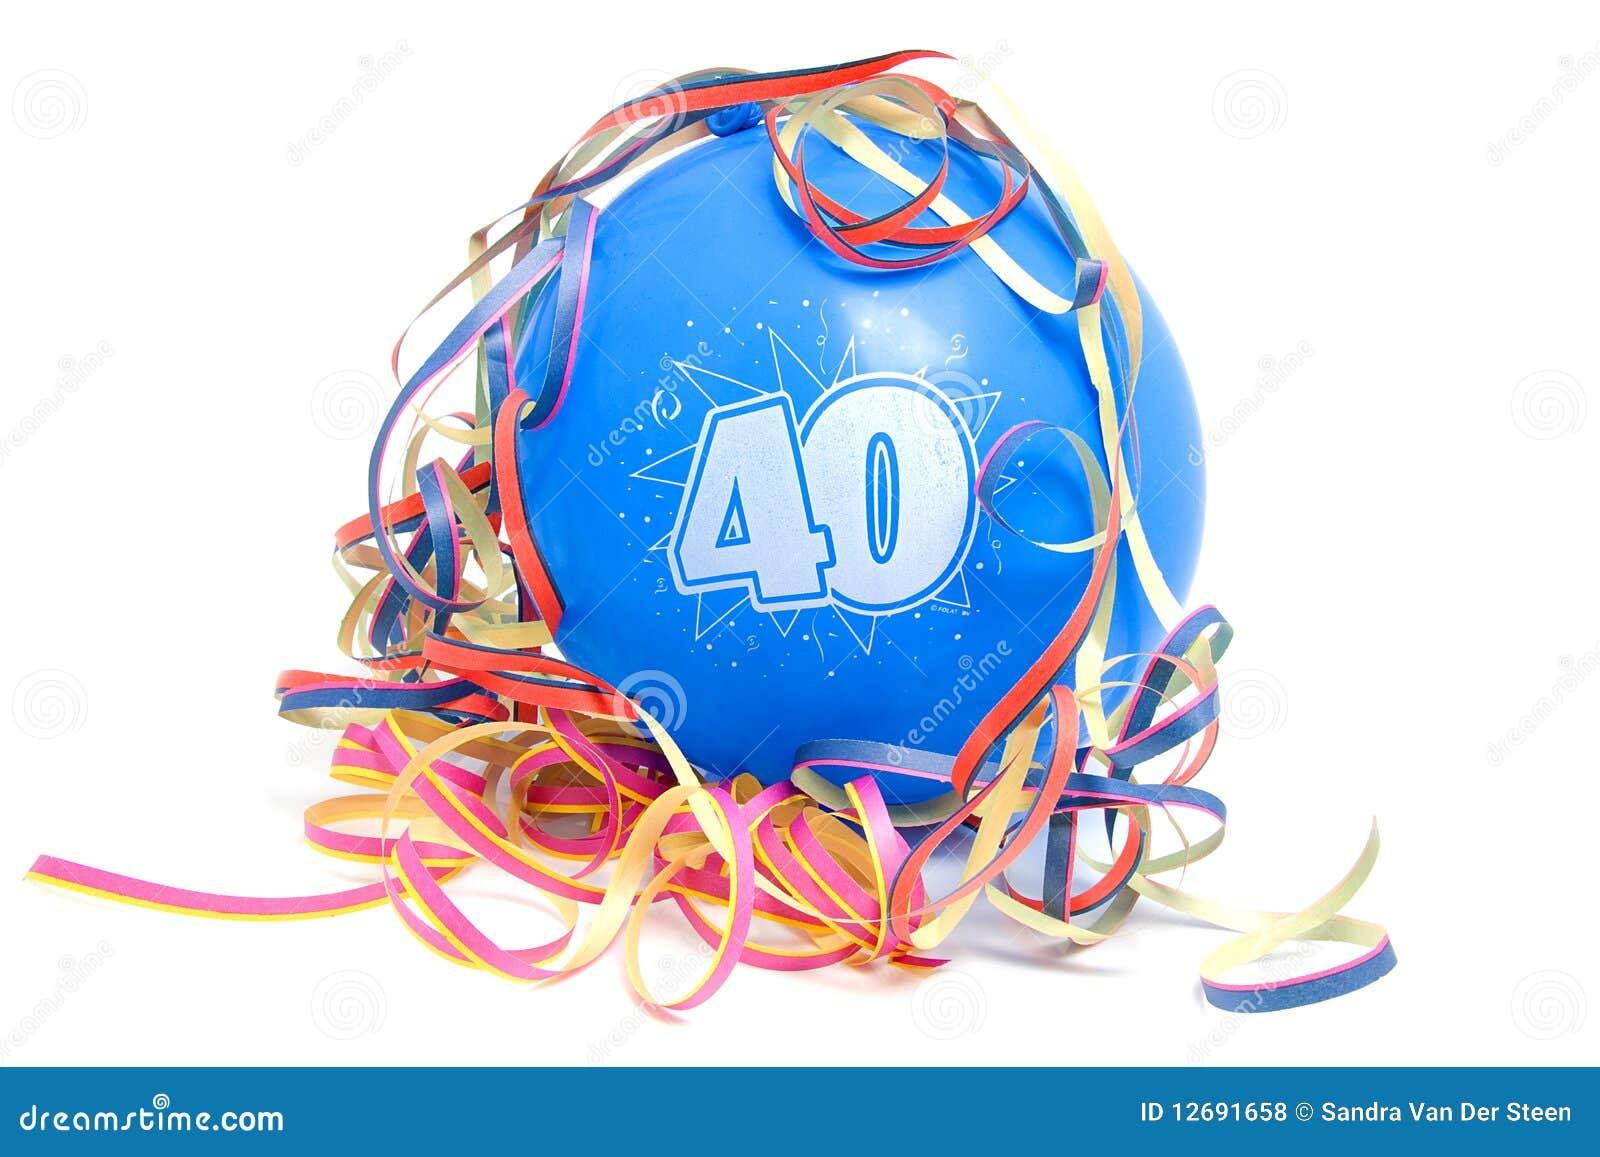 Фото поздравления 40 лет